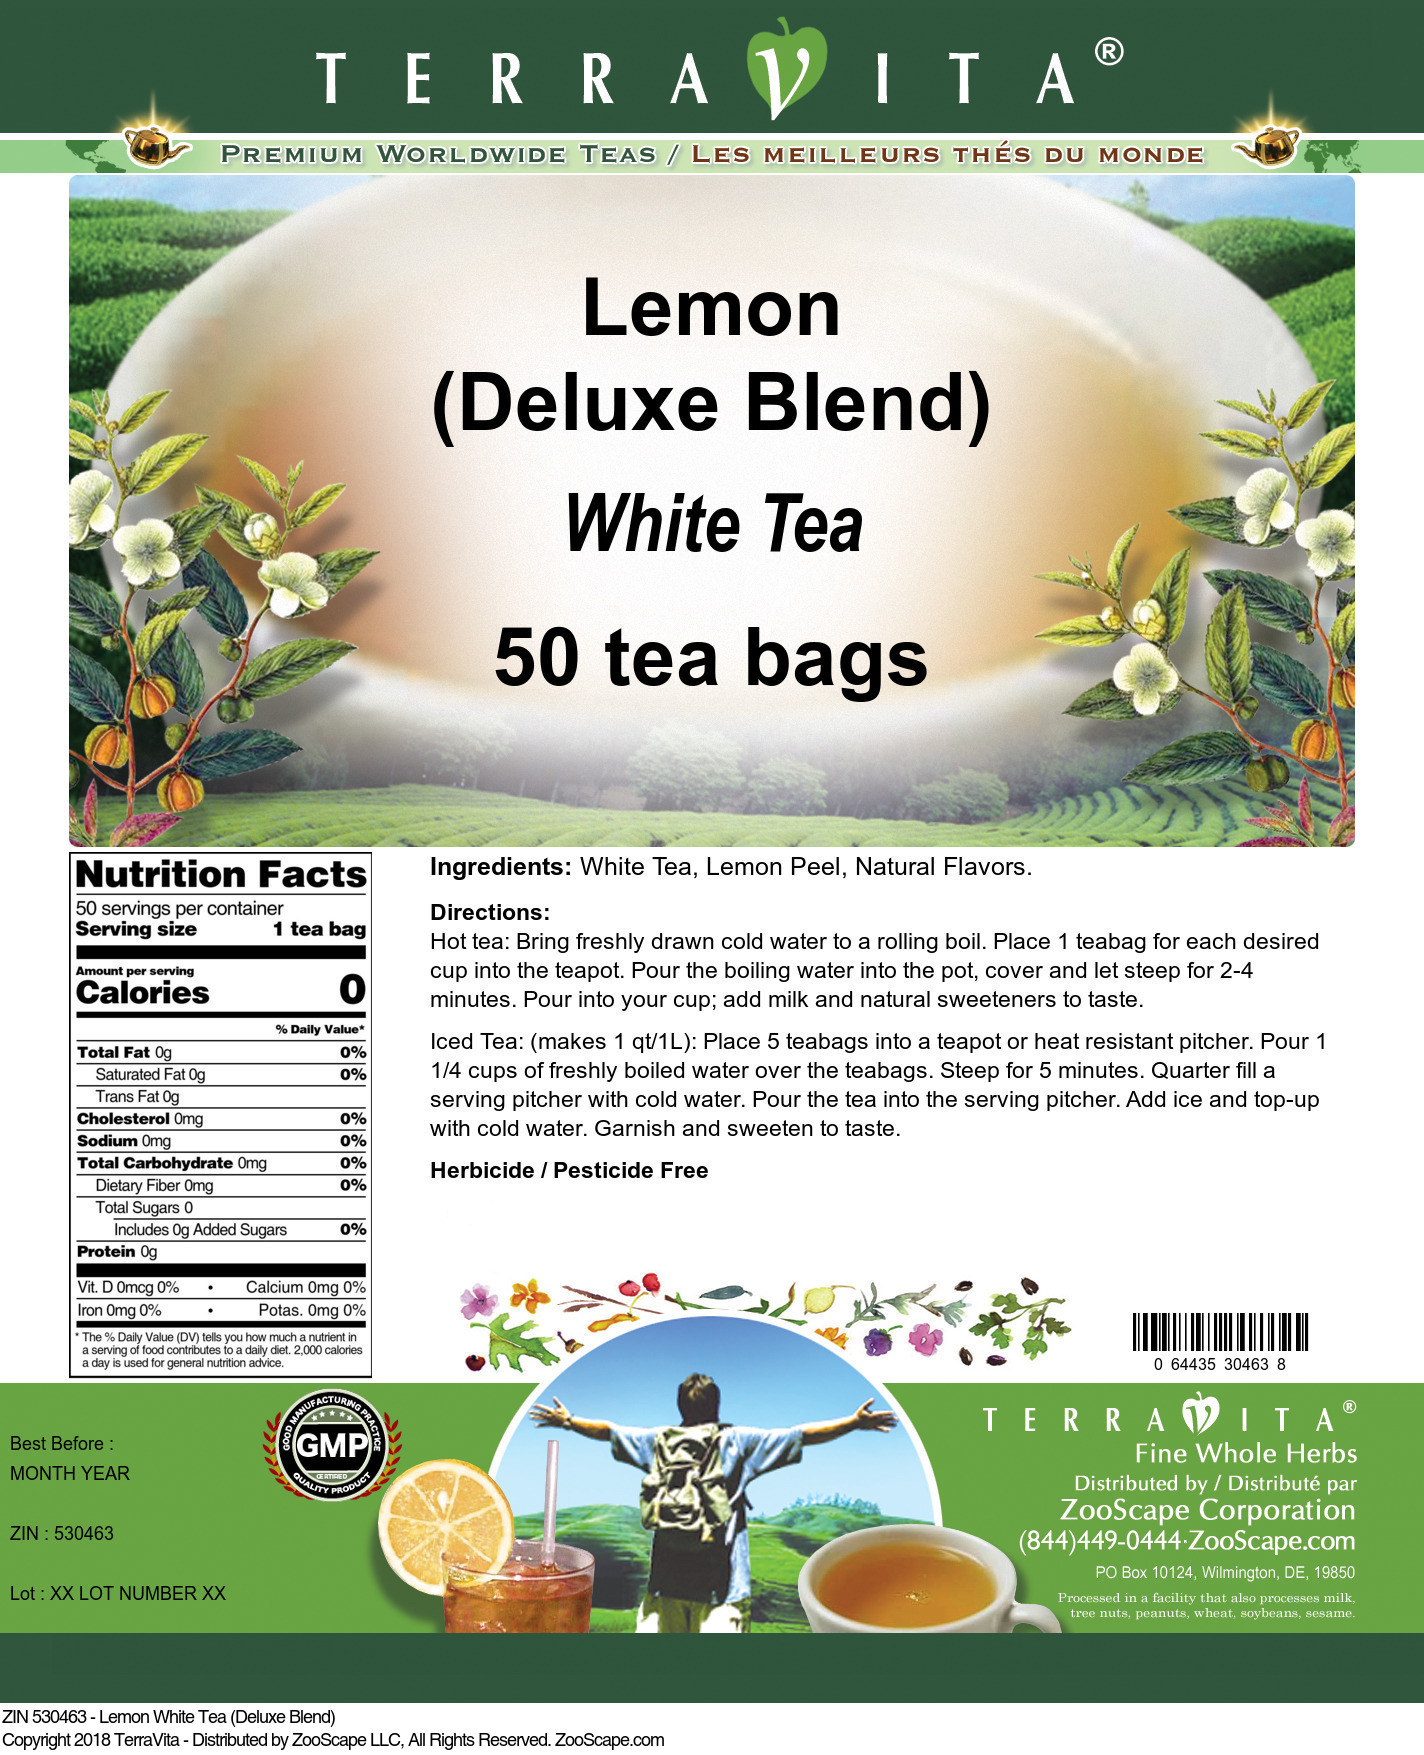 Lemon White Tea (Deluxe Blend)